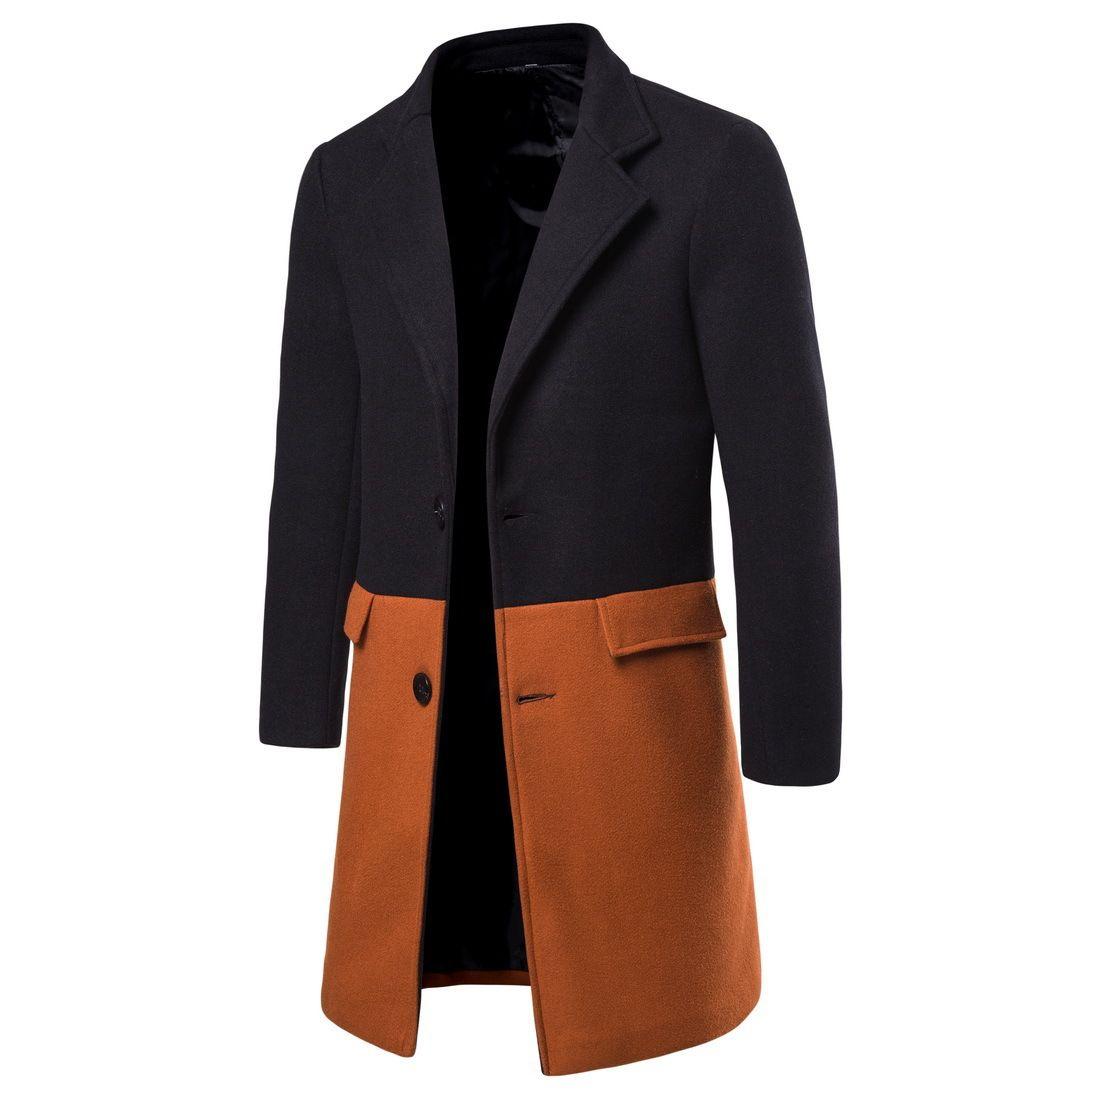 Sonbahar Yeni Ürünler Yün Ceket Erkek Moda Slim Fit Orta uzunlukta Kontrast Renk Yün Coat Yf02